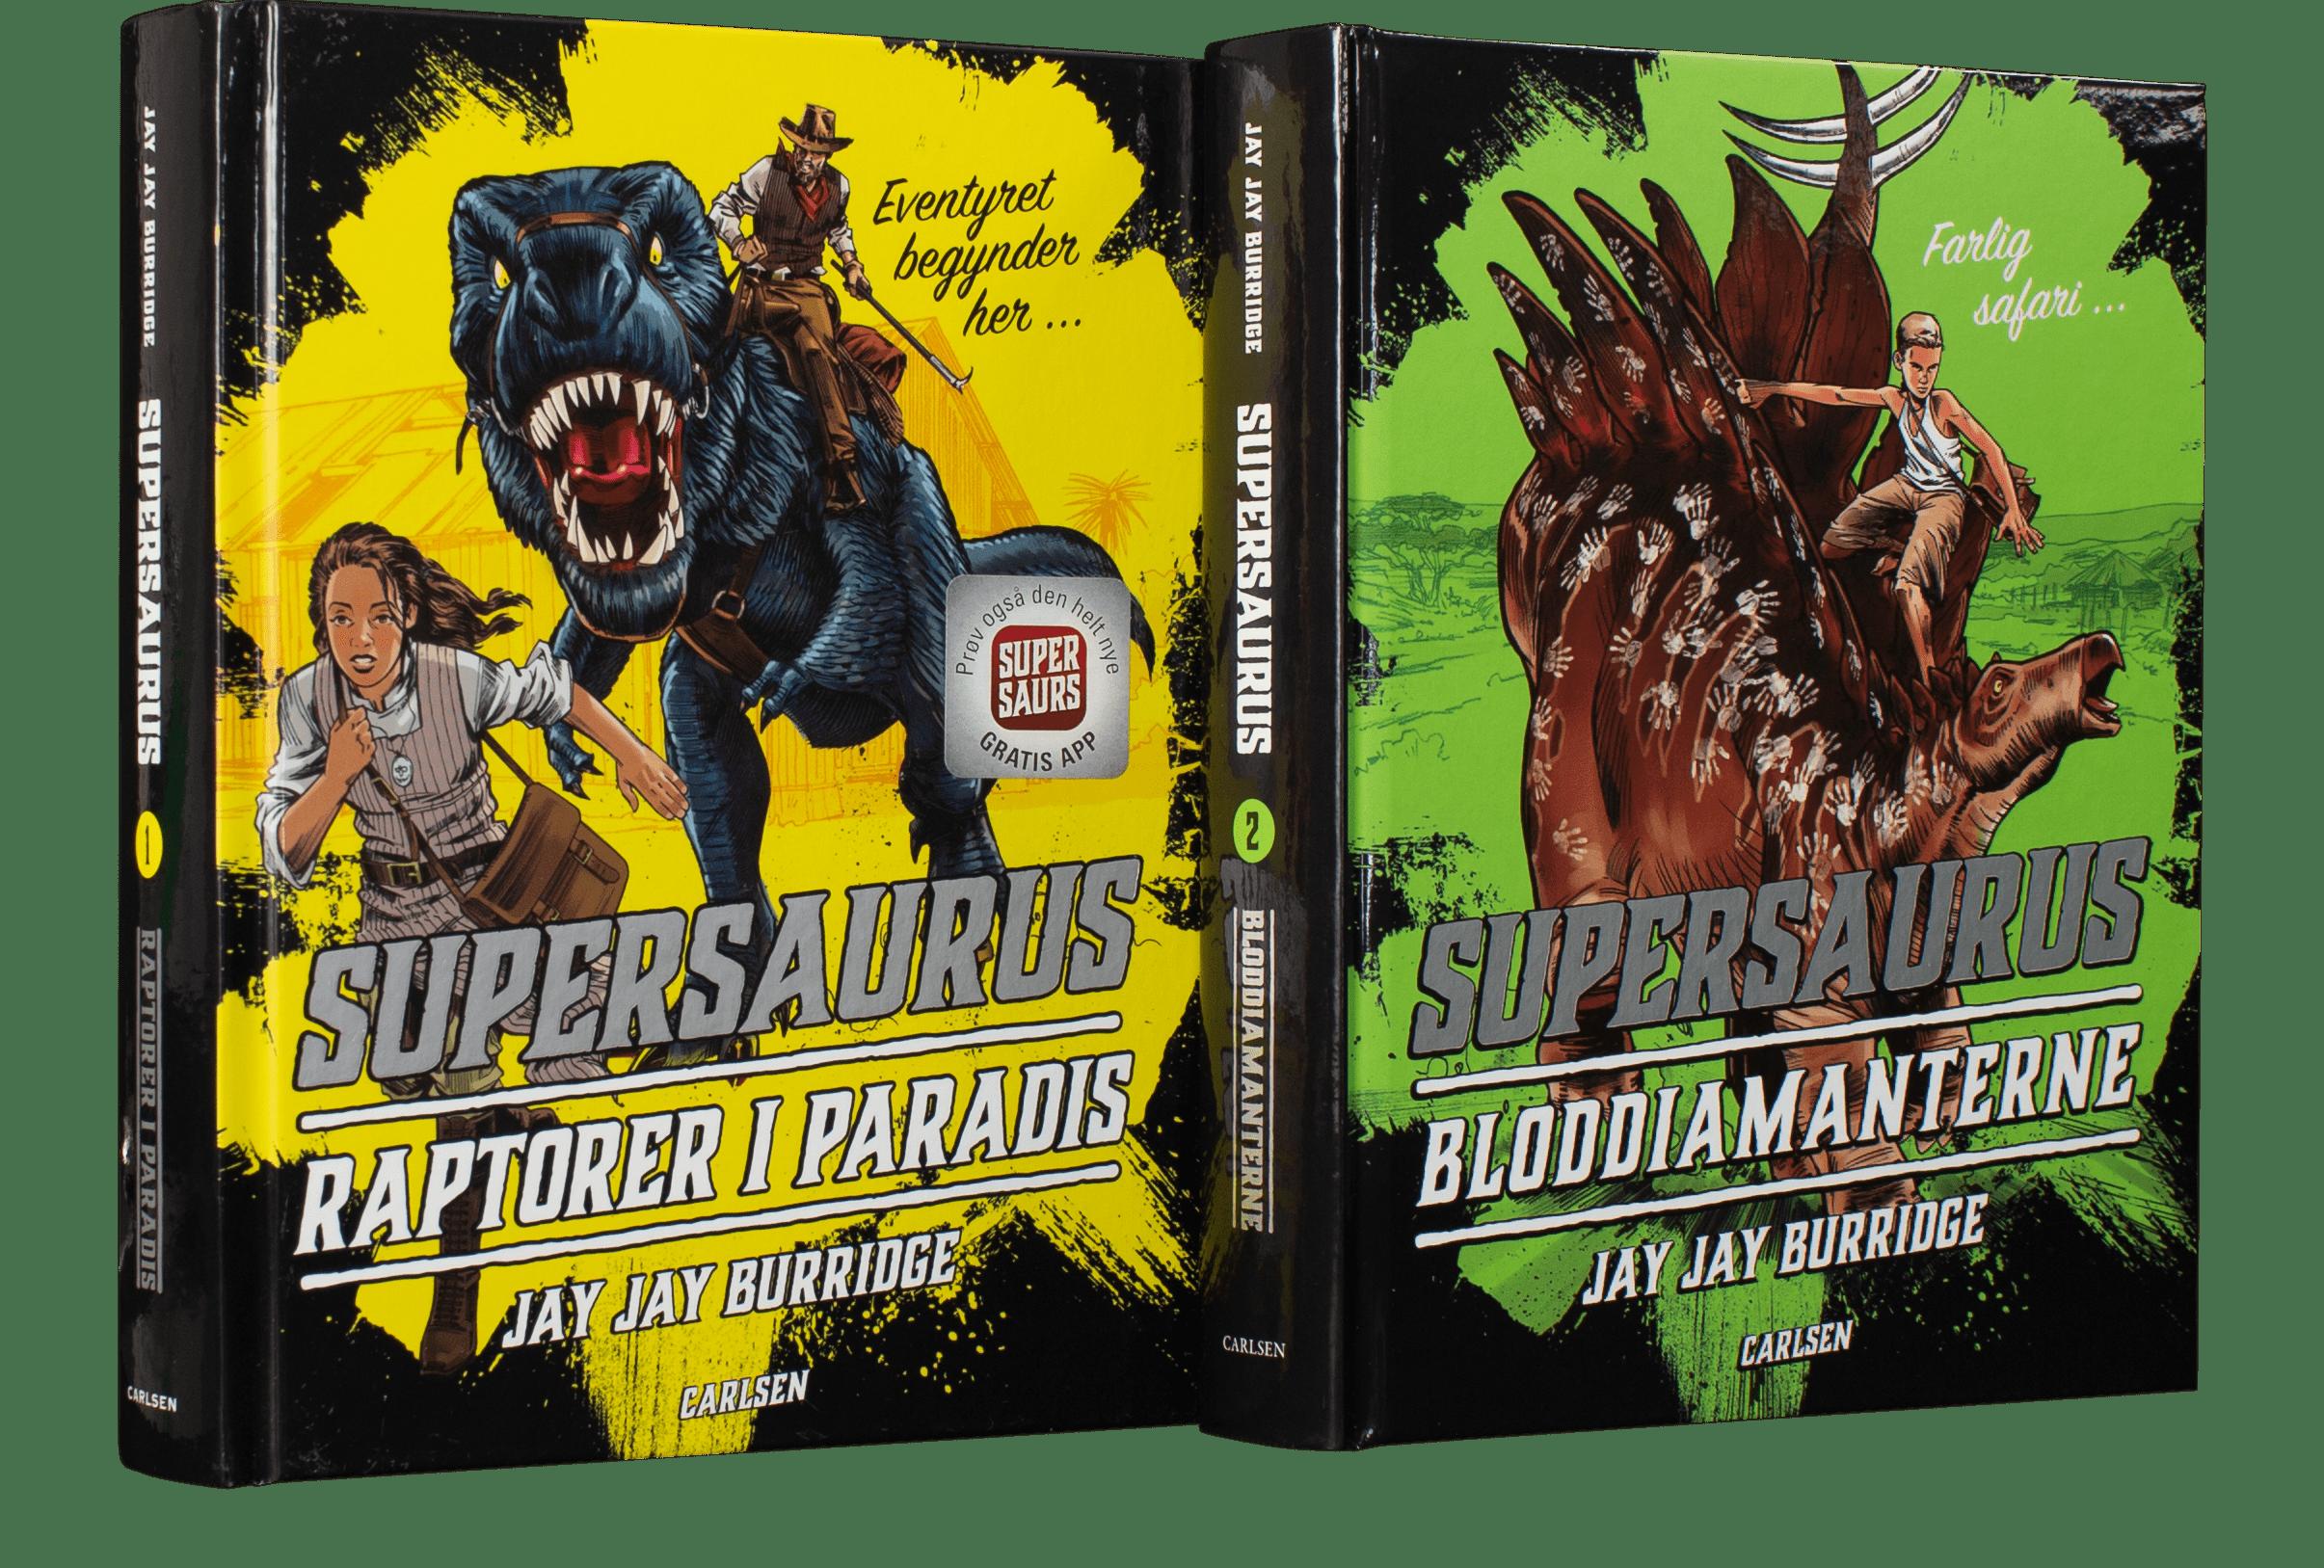 supersaurus, bogserie, bogserier, geniale bogserier, børnebøger, højtlæsning